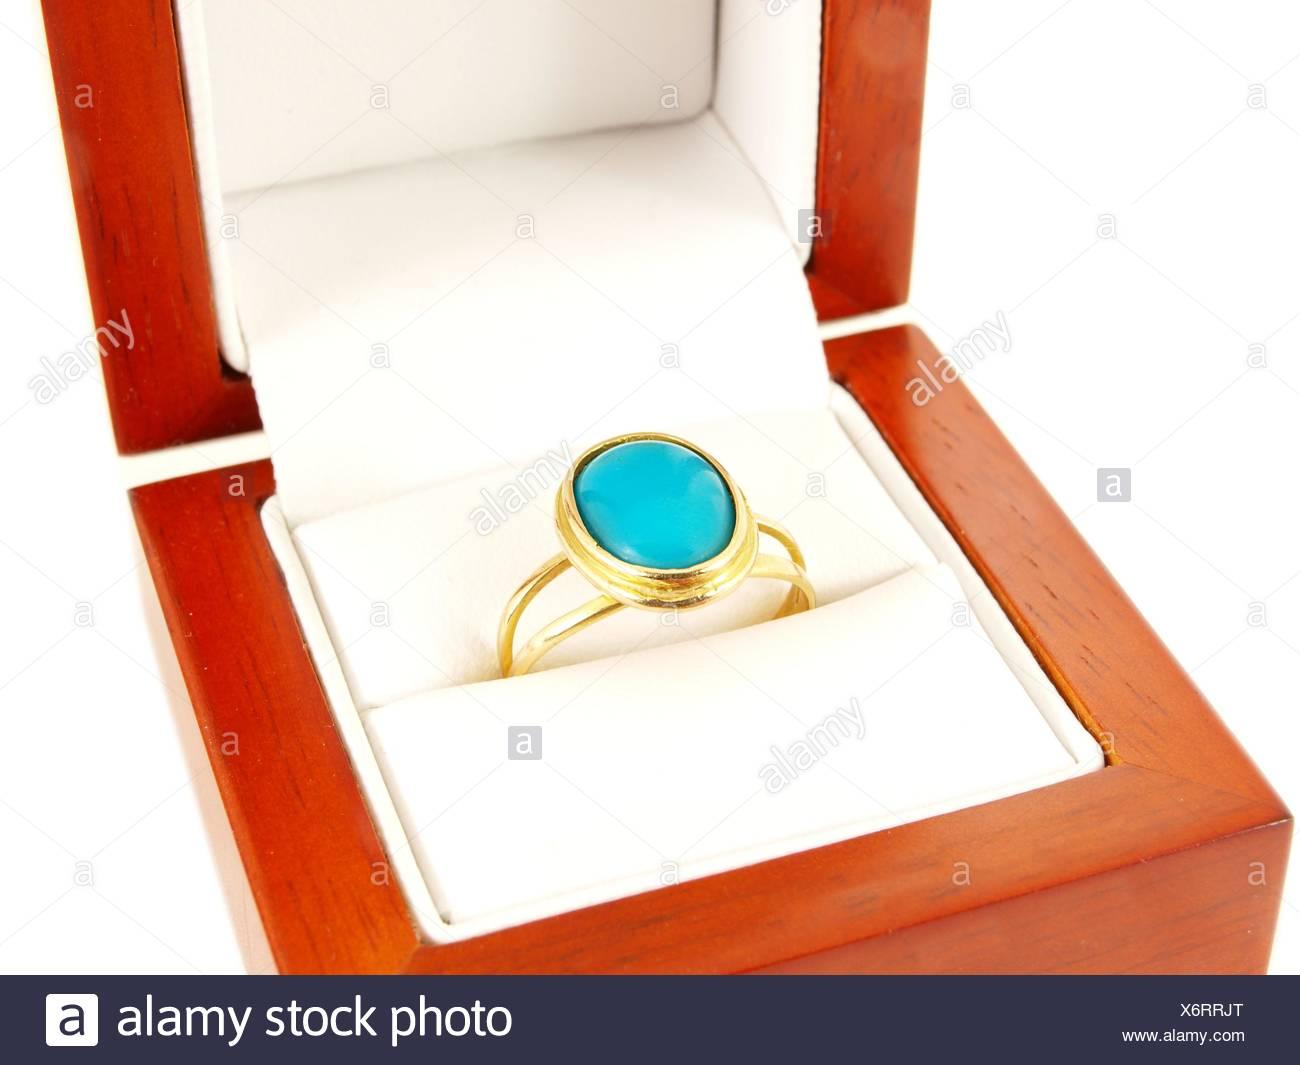 Blue gemstone ring - Stock Image